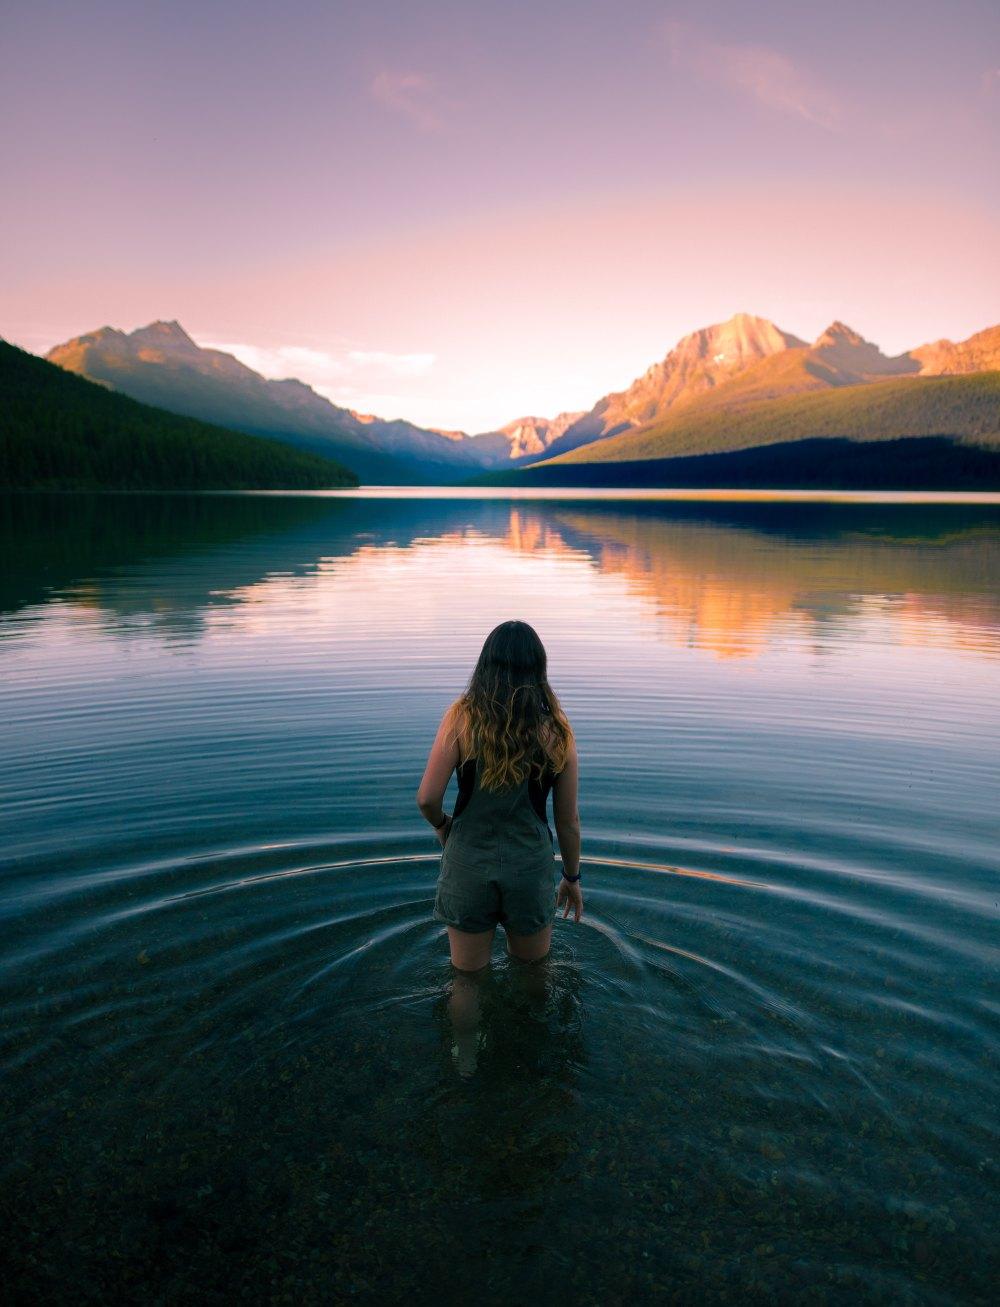 femme-lac-montagne